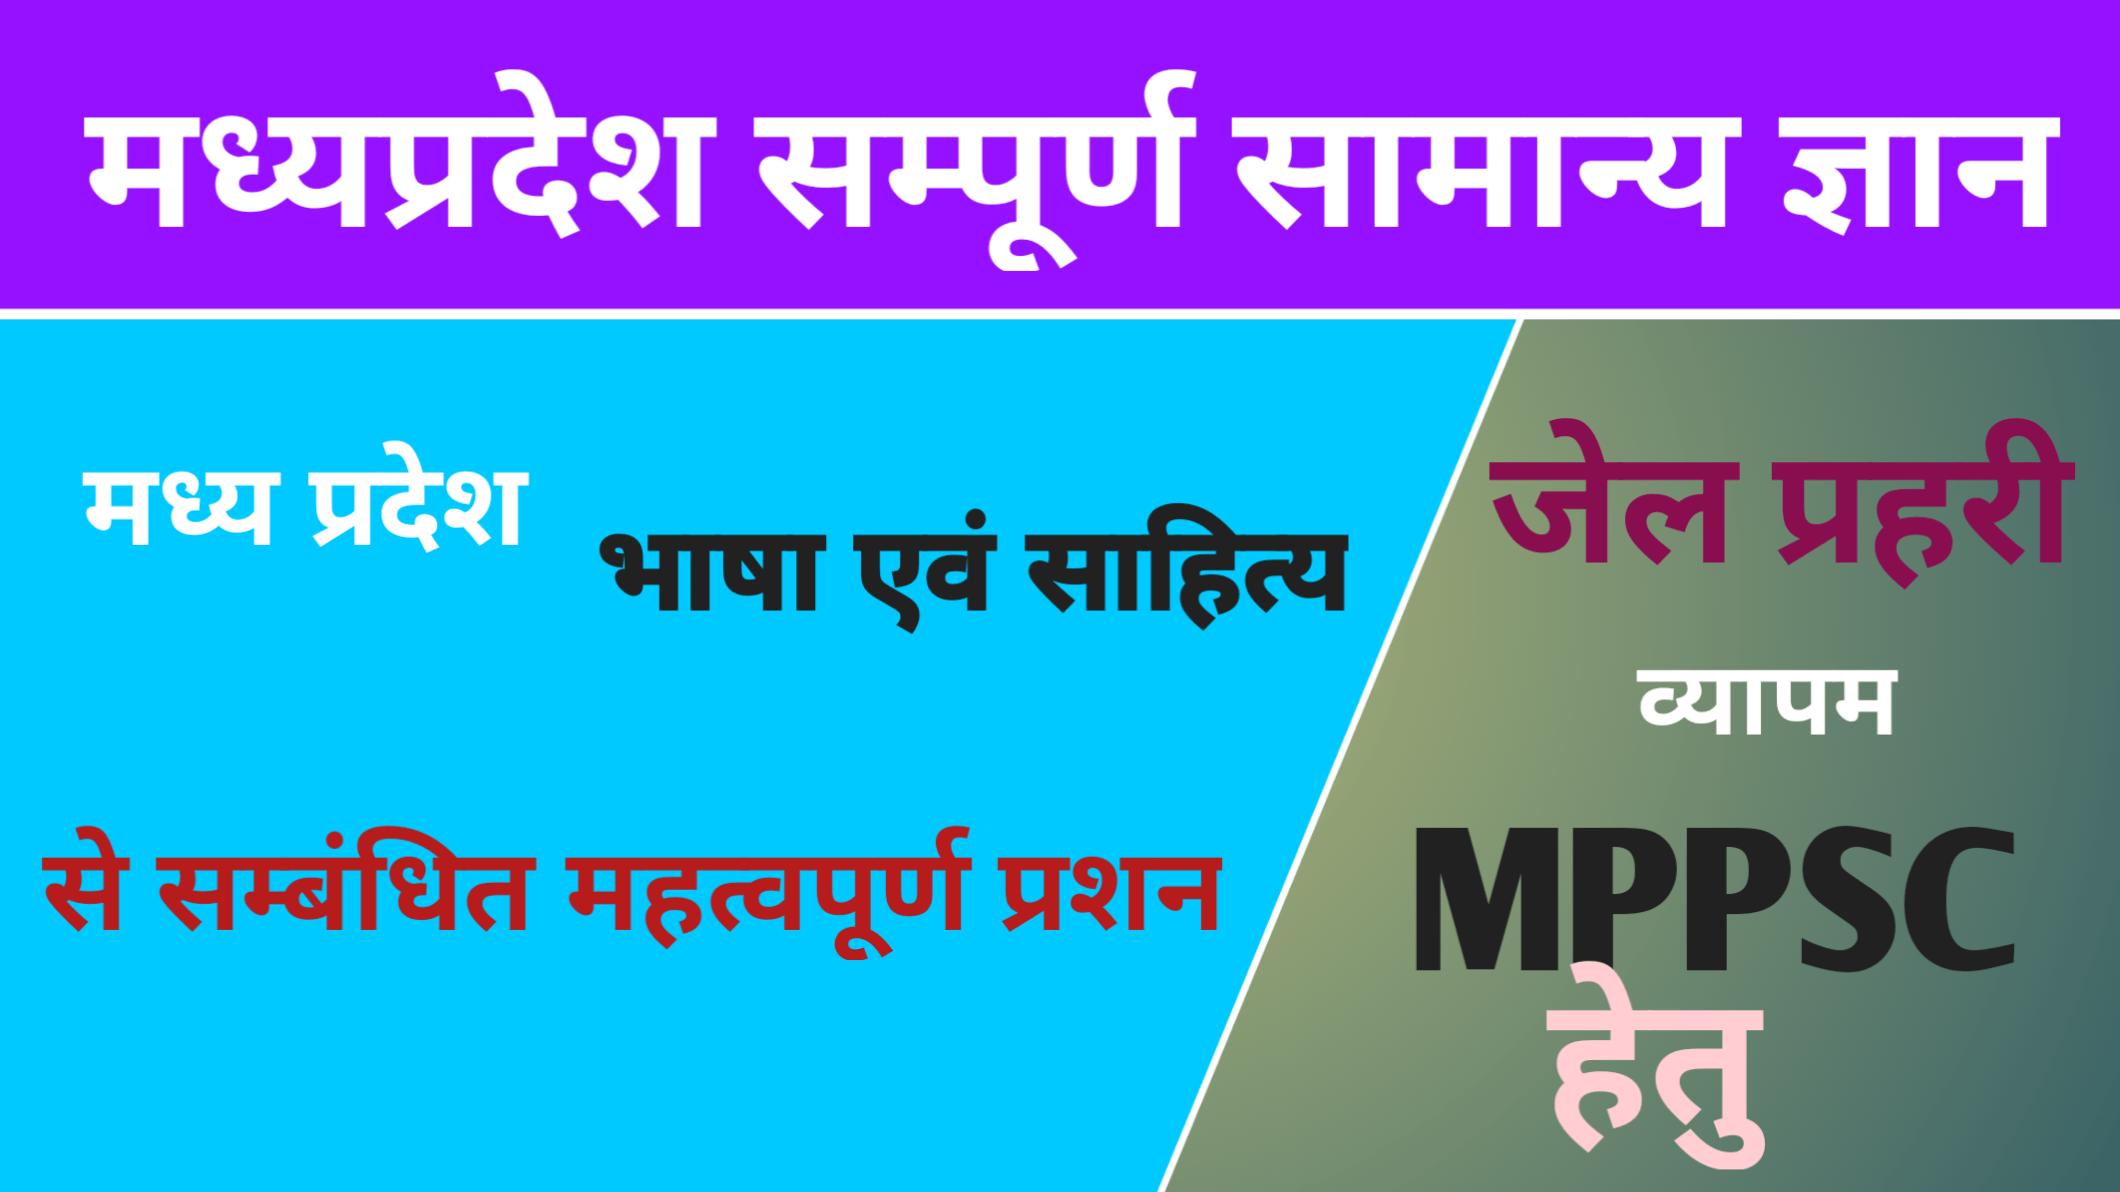 मध्य प्रदेश के भाषा एवं साहित्य : Madhy Pradesh ke Bhaasha aur Saahity